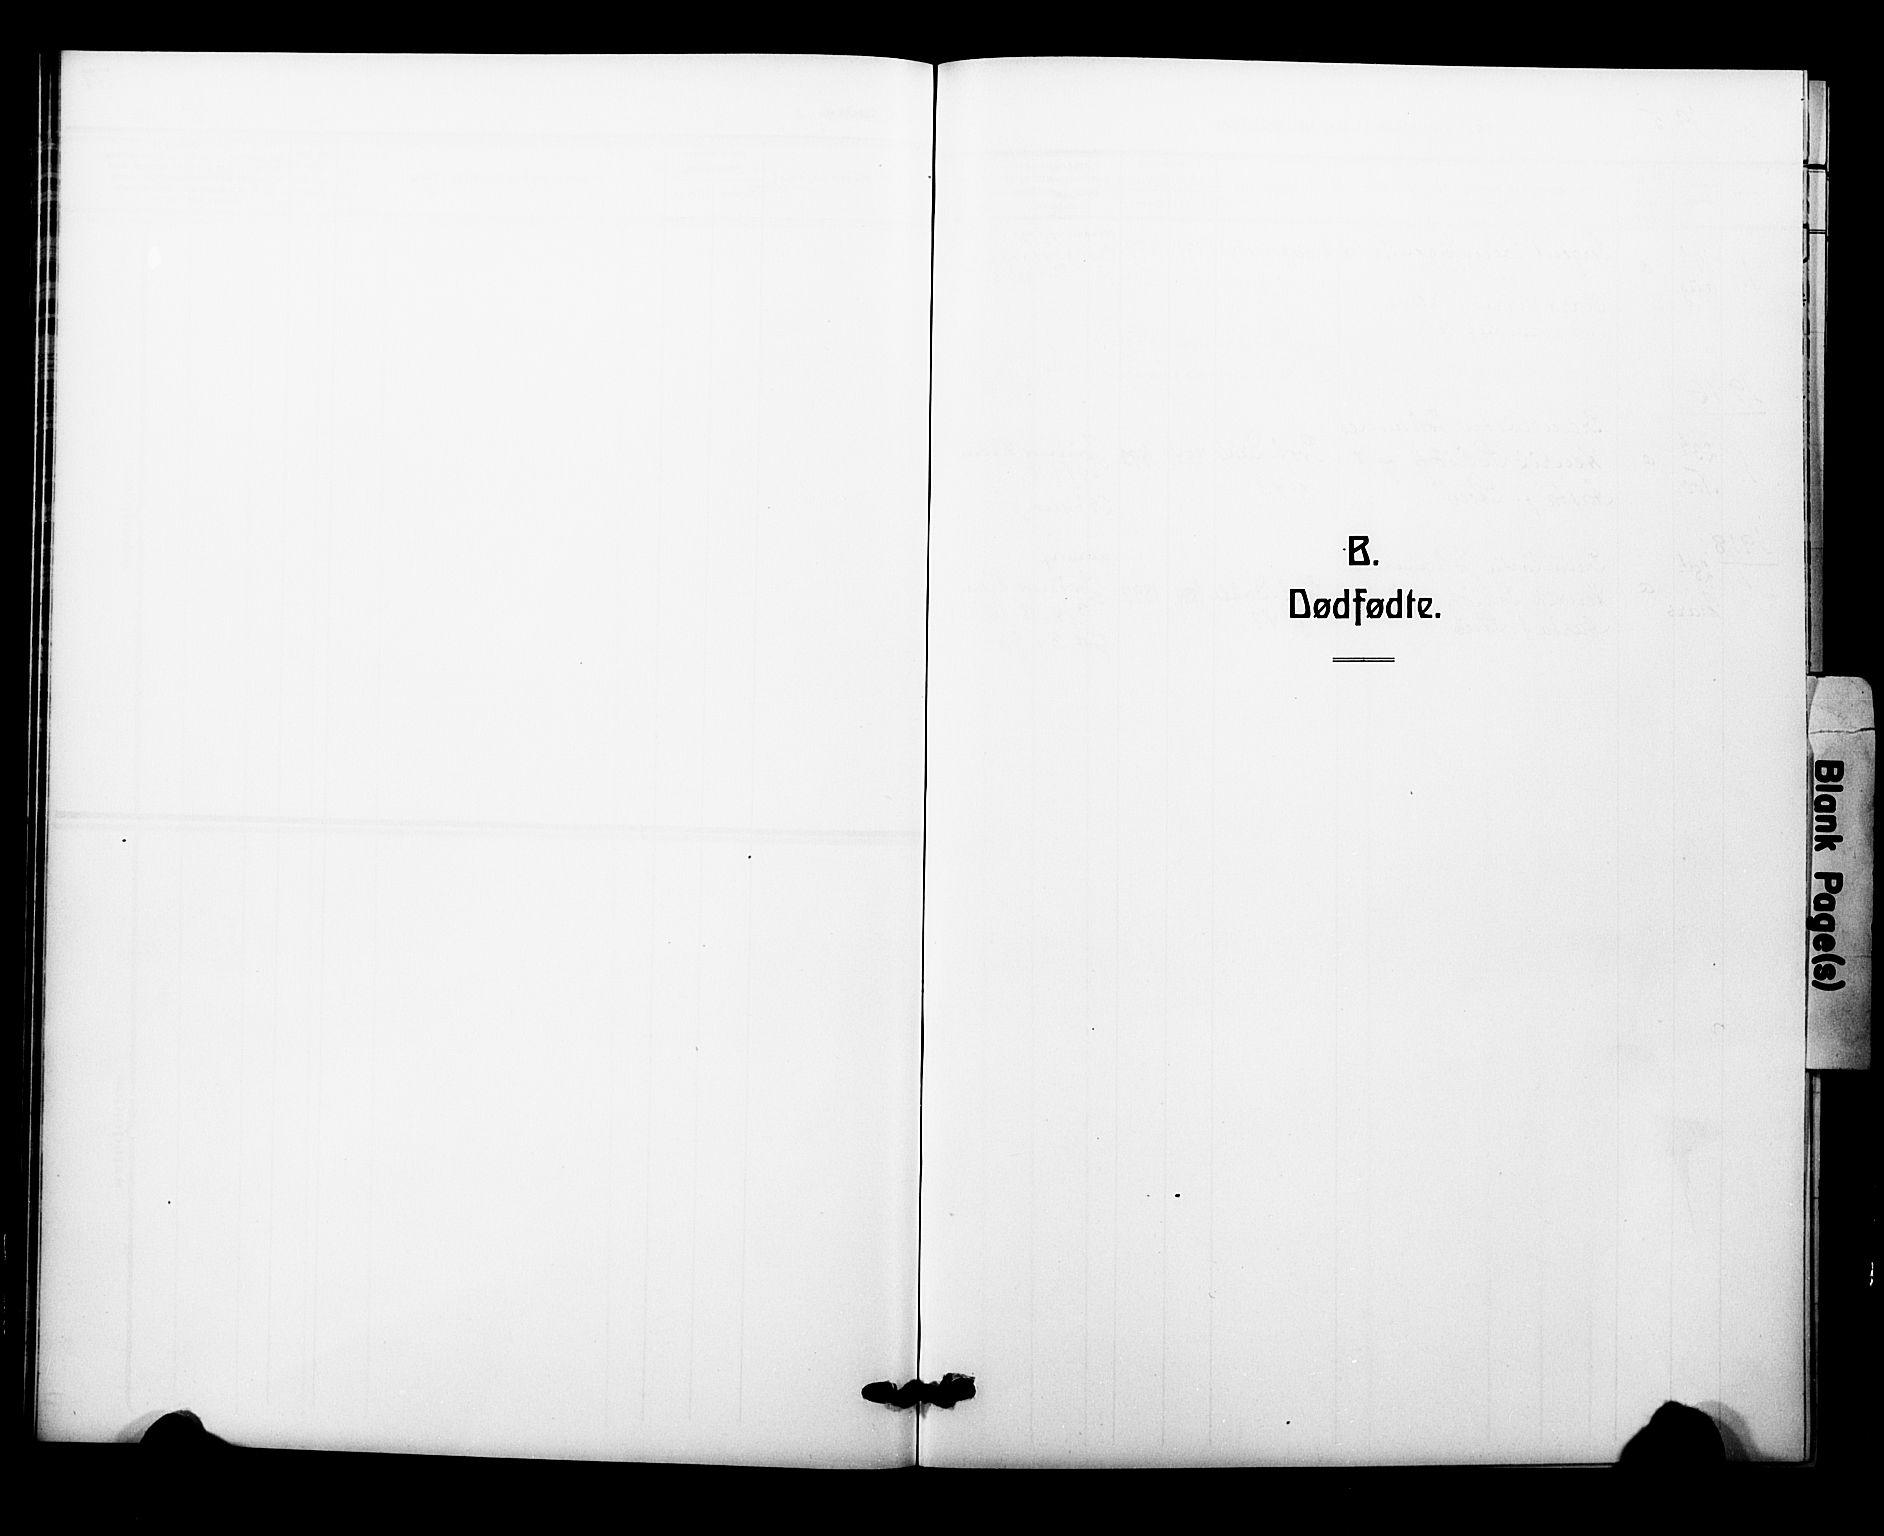 SAO, Garnisonsmenigheten Kirkebøker, F/Fa/L0015: Parish register (official) no. 15, 1915-1921